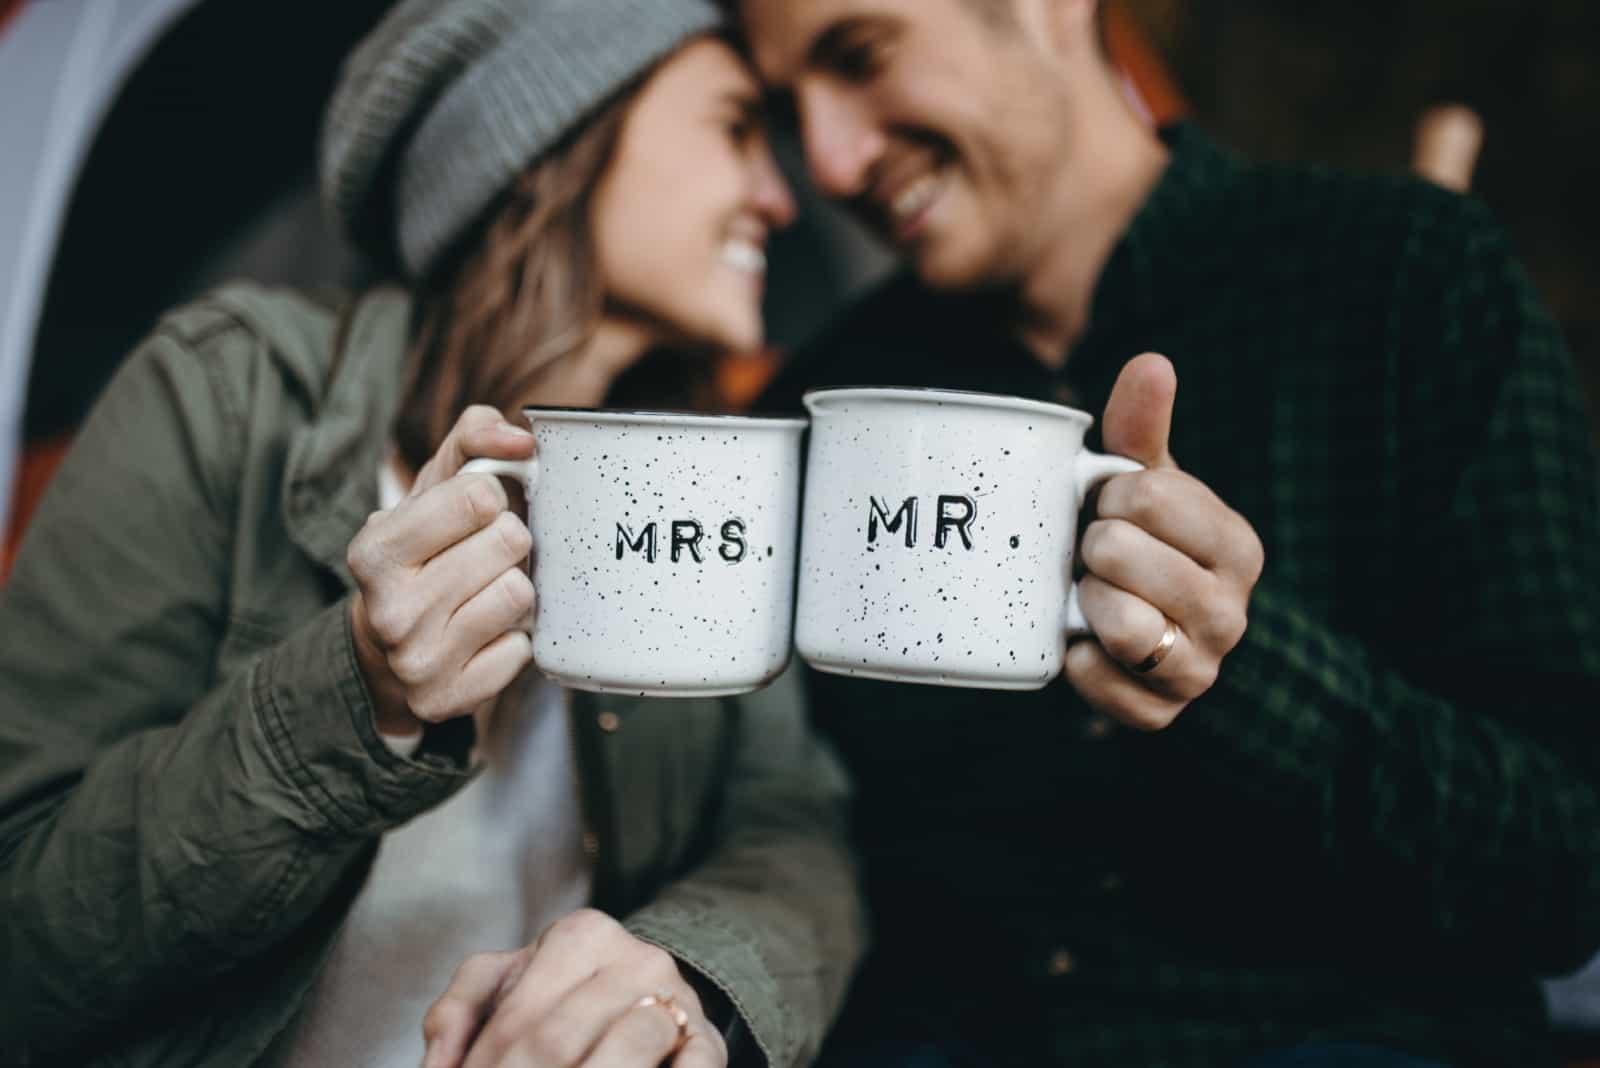 homme et femme souriant en tenant des tasses